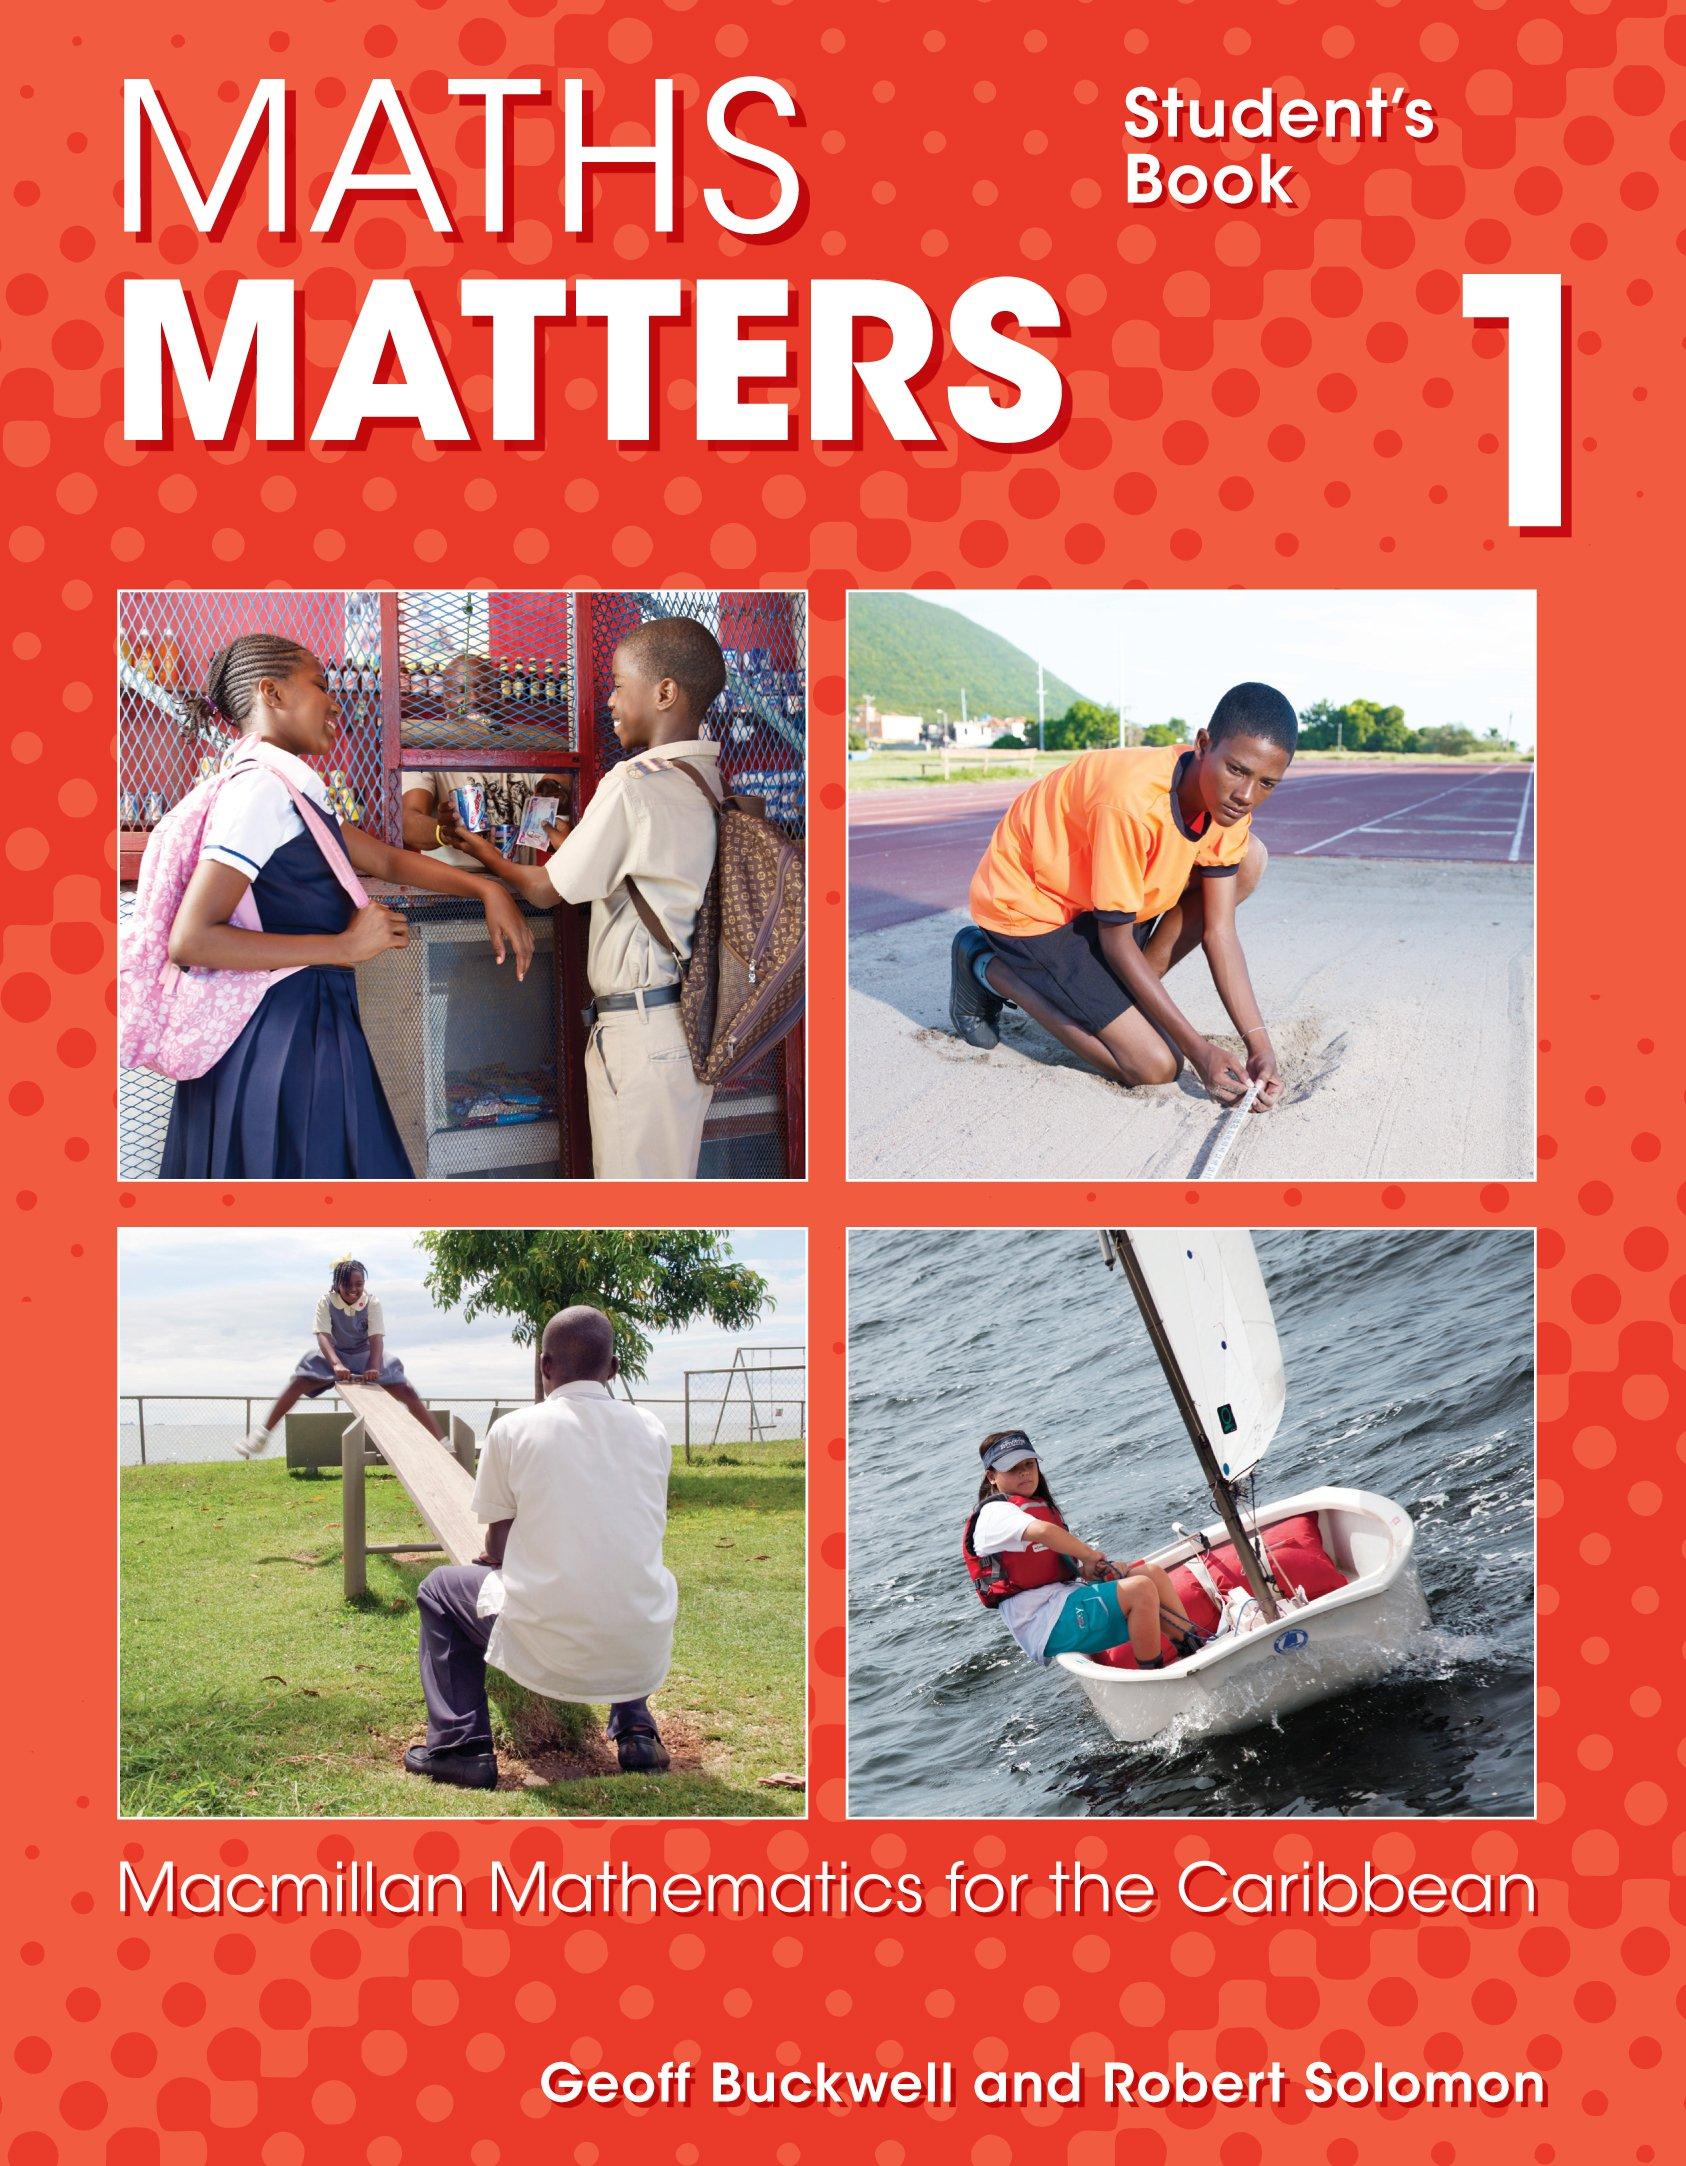 Maths Matters: Macmillan Mathematics for the Caribbean (Student's Book 1 - Grade 7) ebook